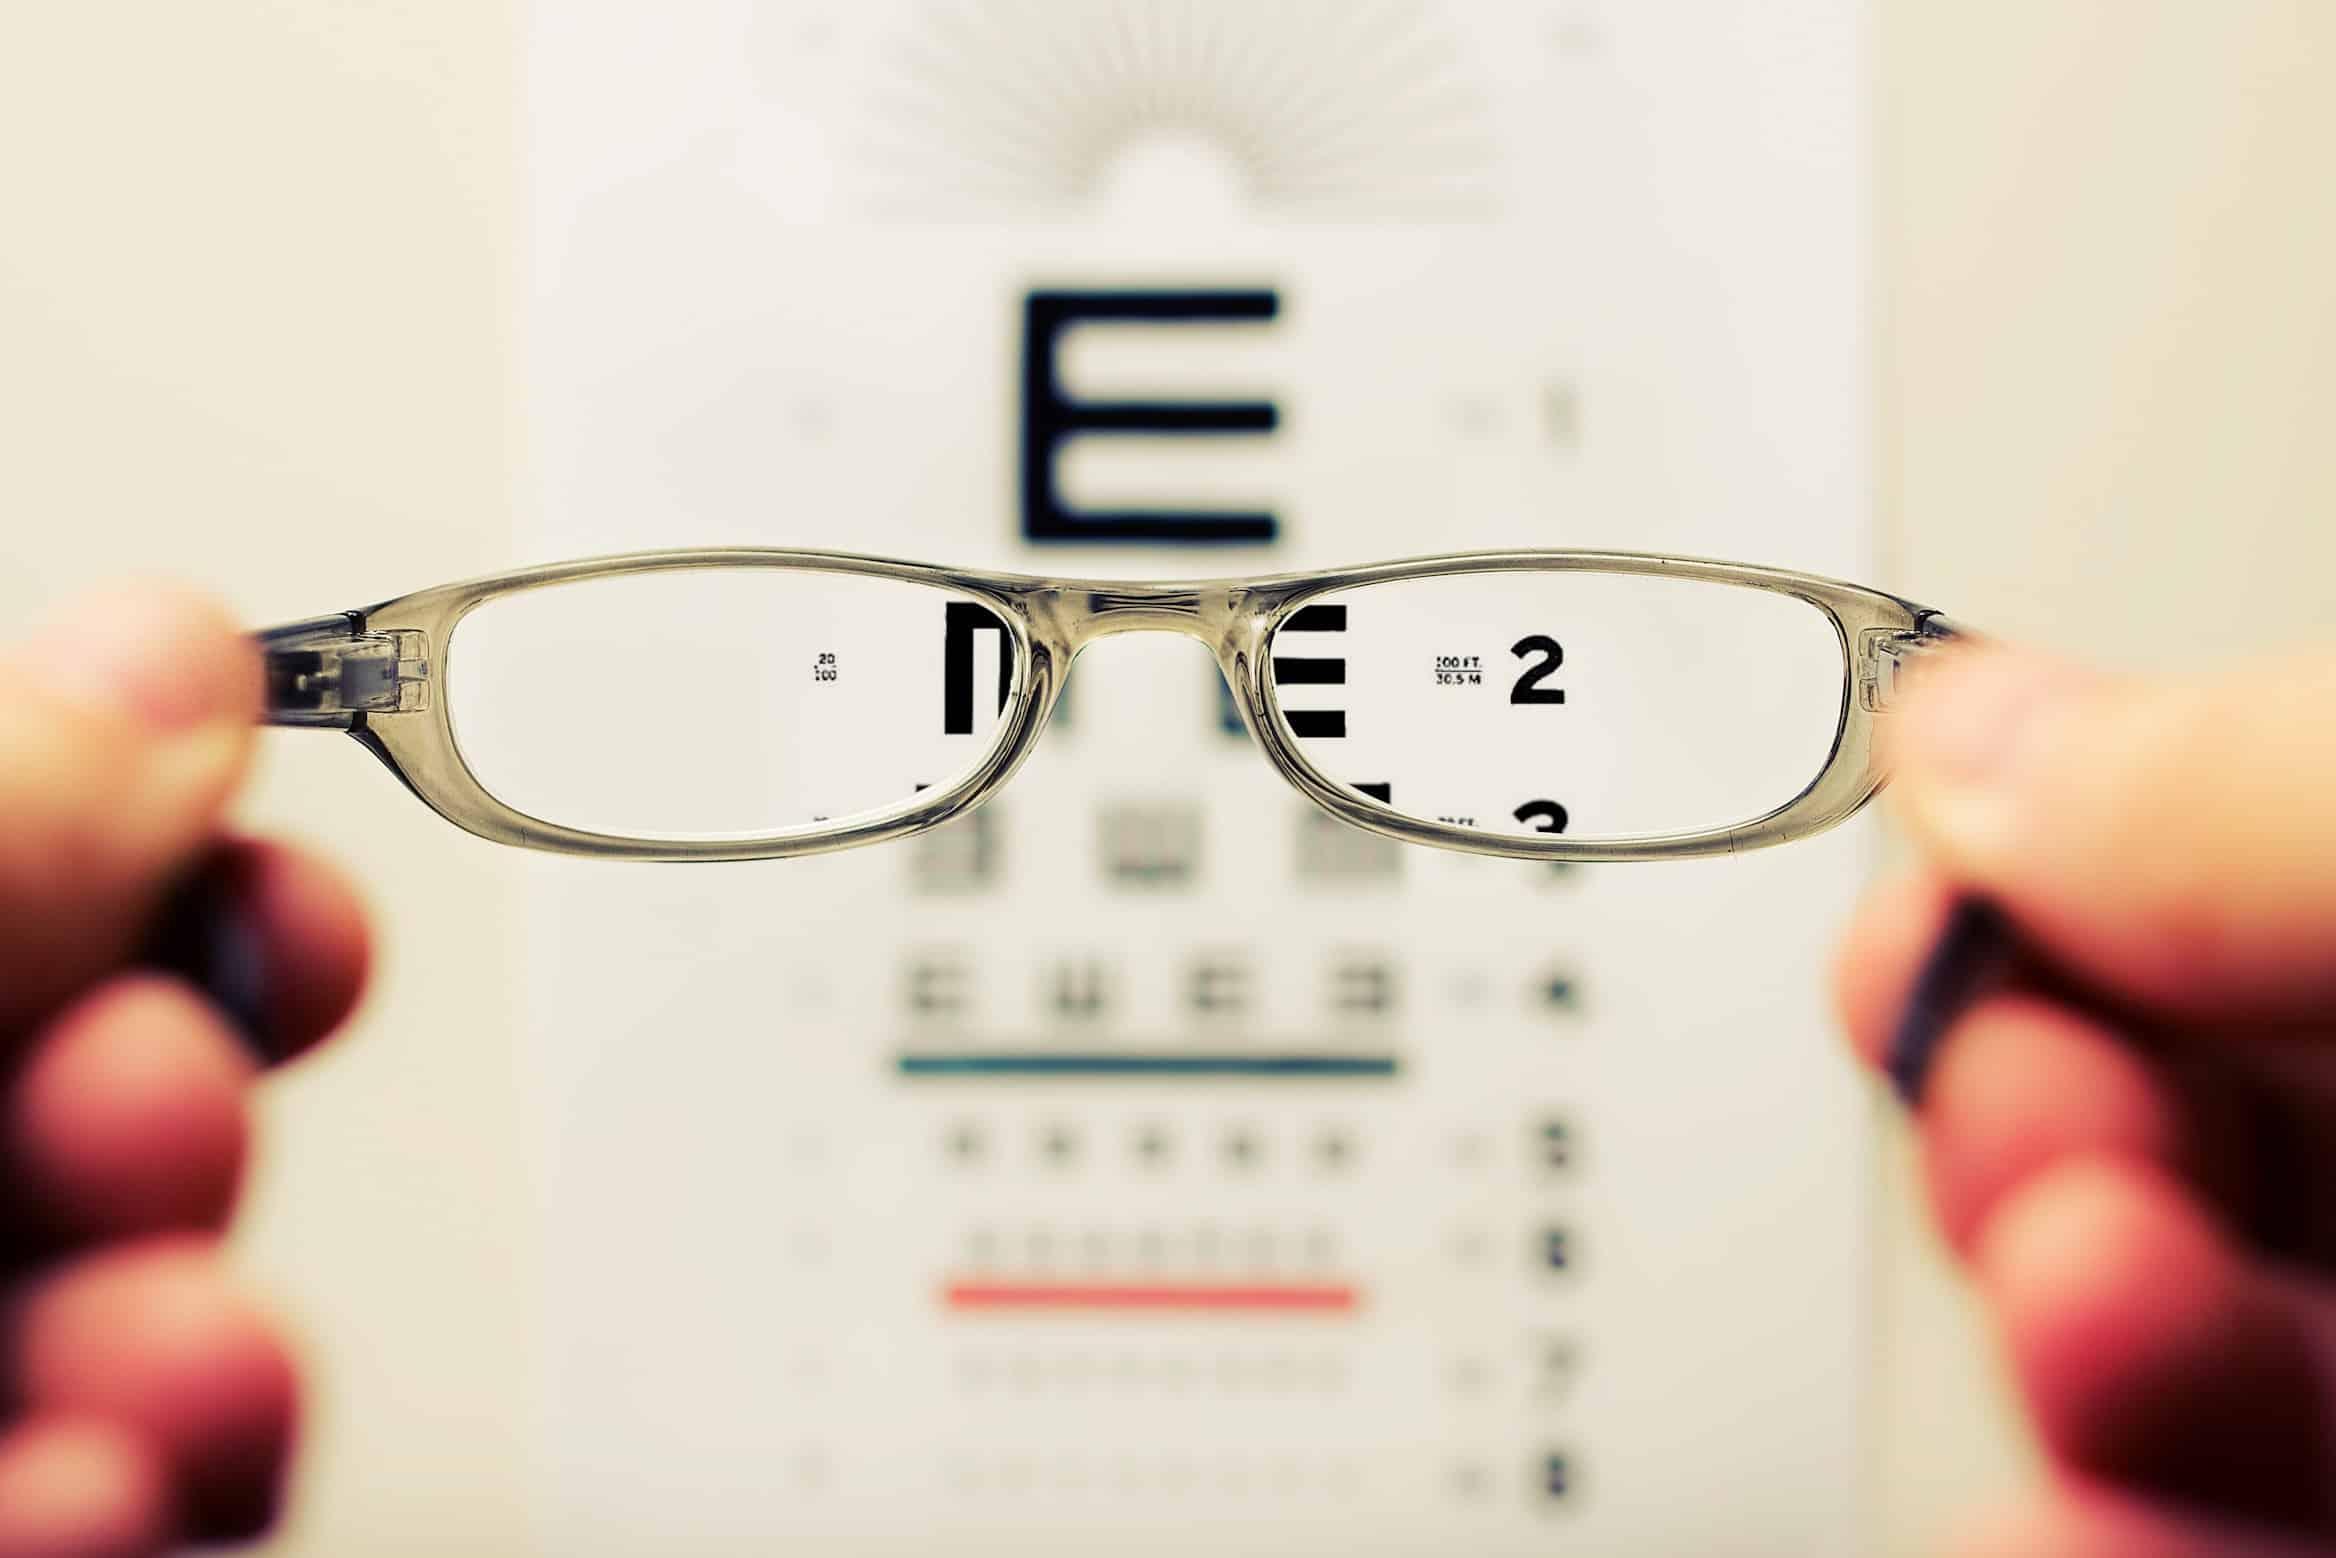 Rövidlátás kezelése gyorsan, egyszerűen - Mit jelent a látás választása